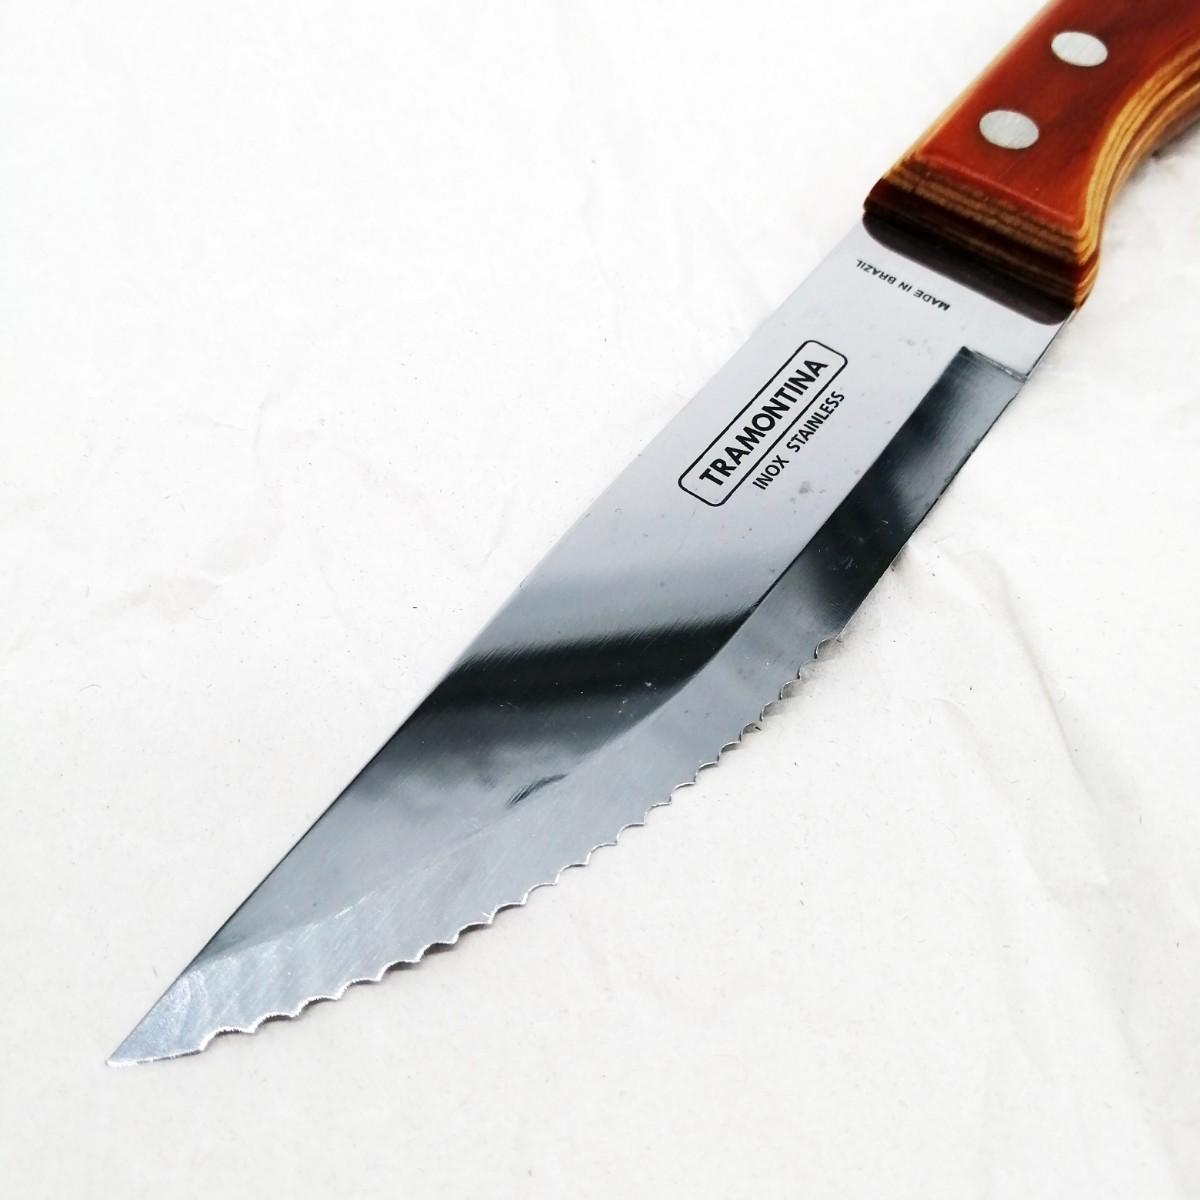 【未使用・新品】トラモンティーナ ポリウッドジャンボステーキナイフ 4本セット